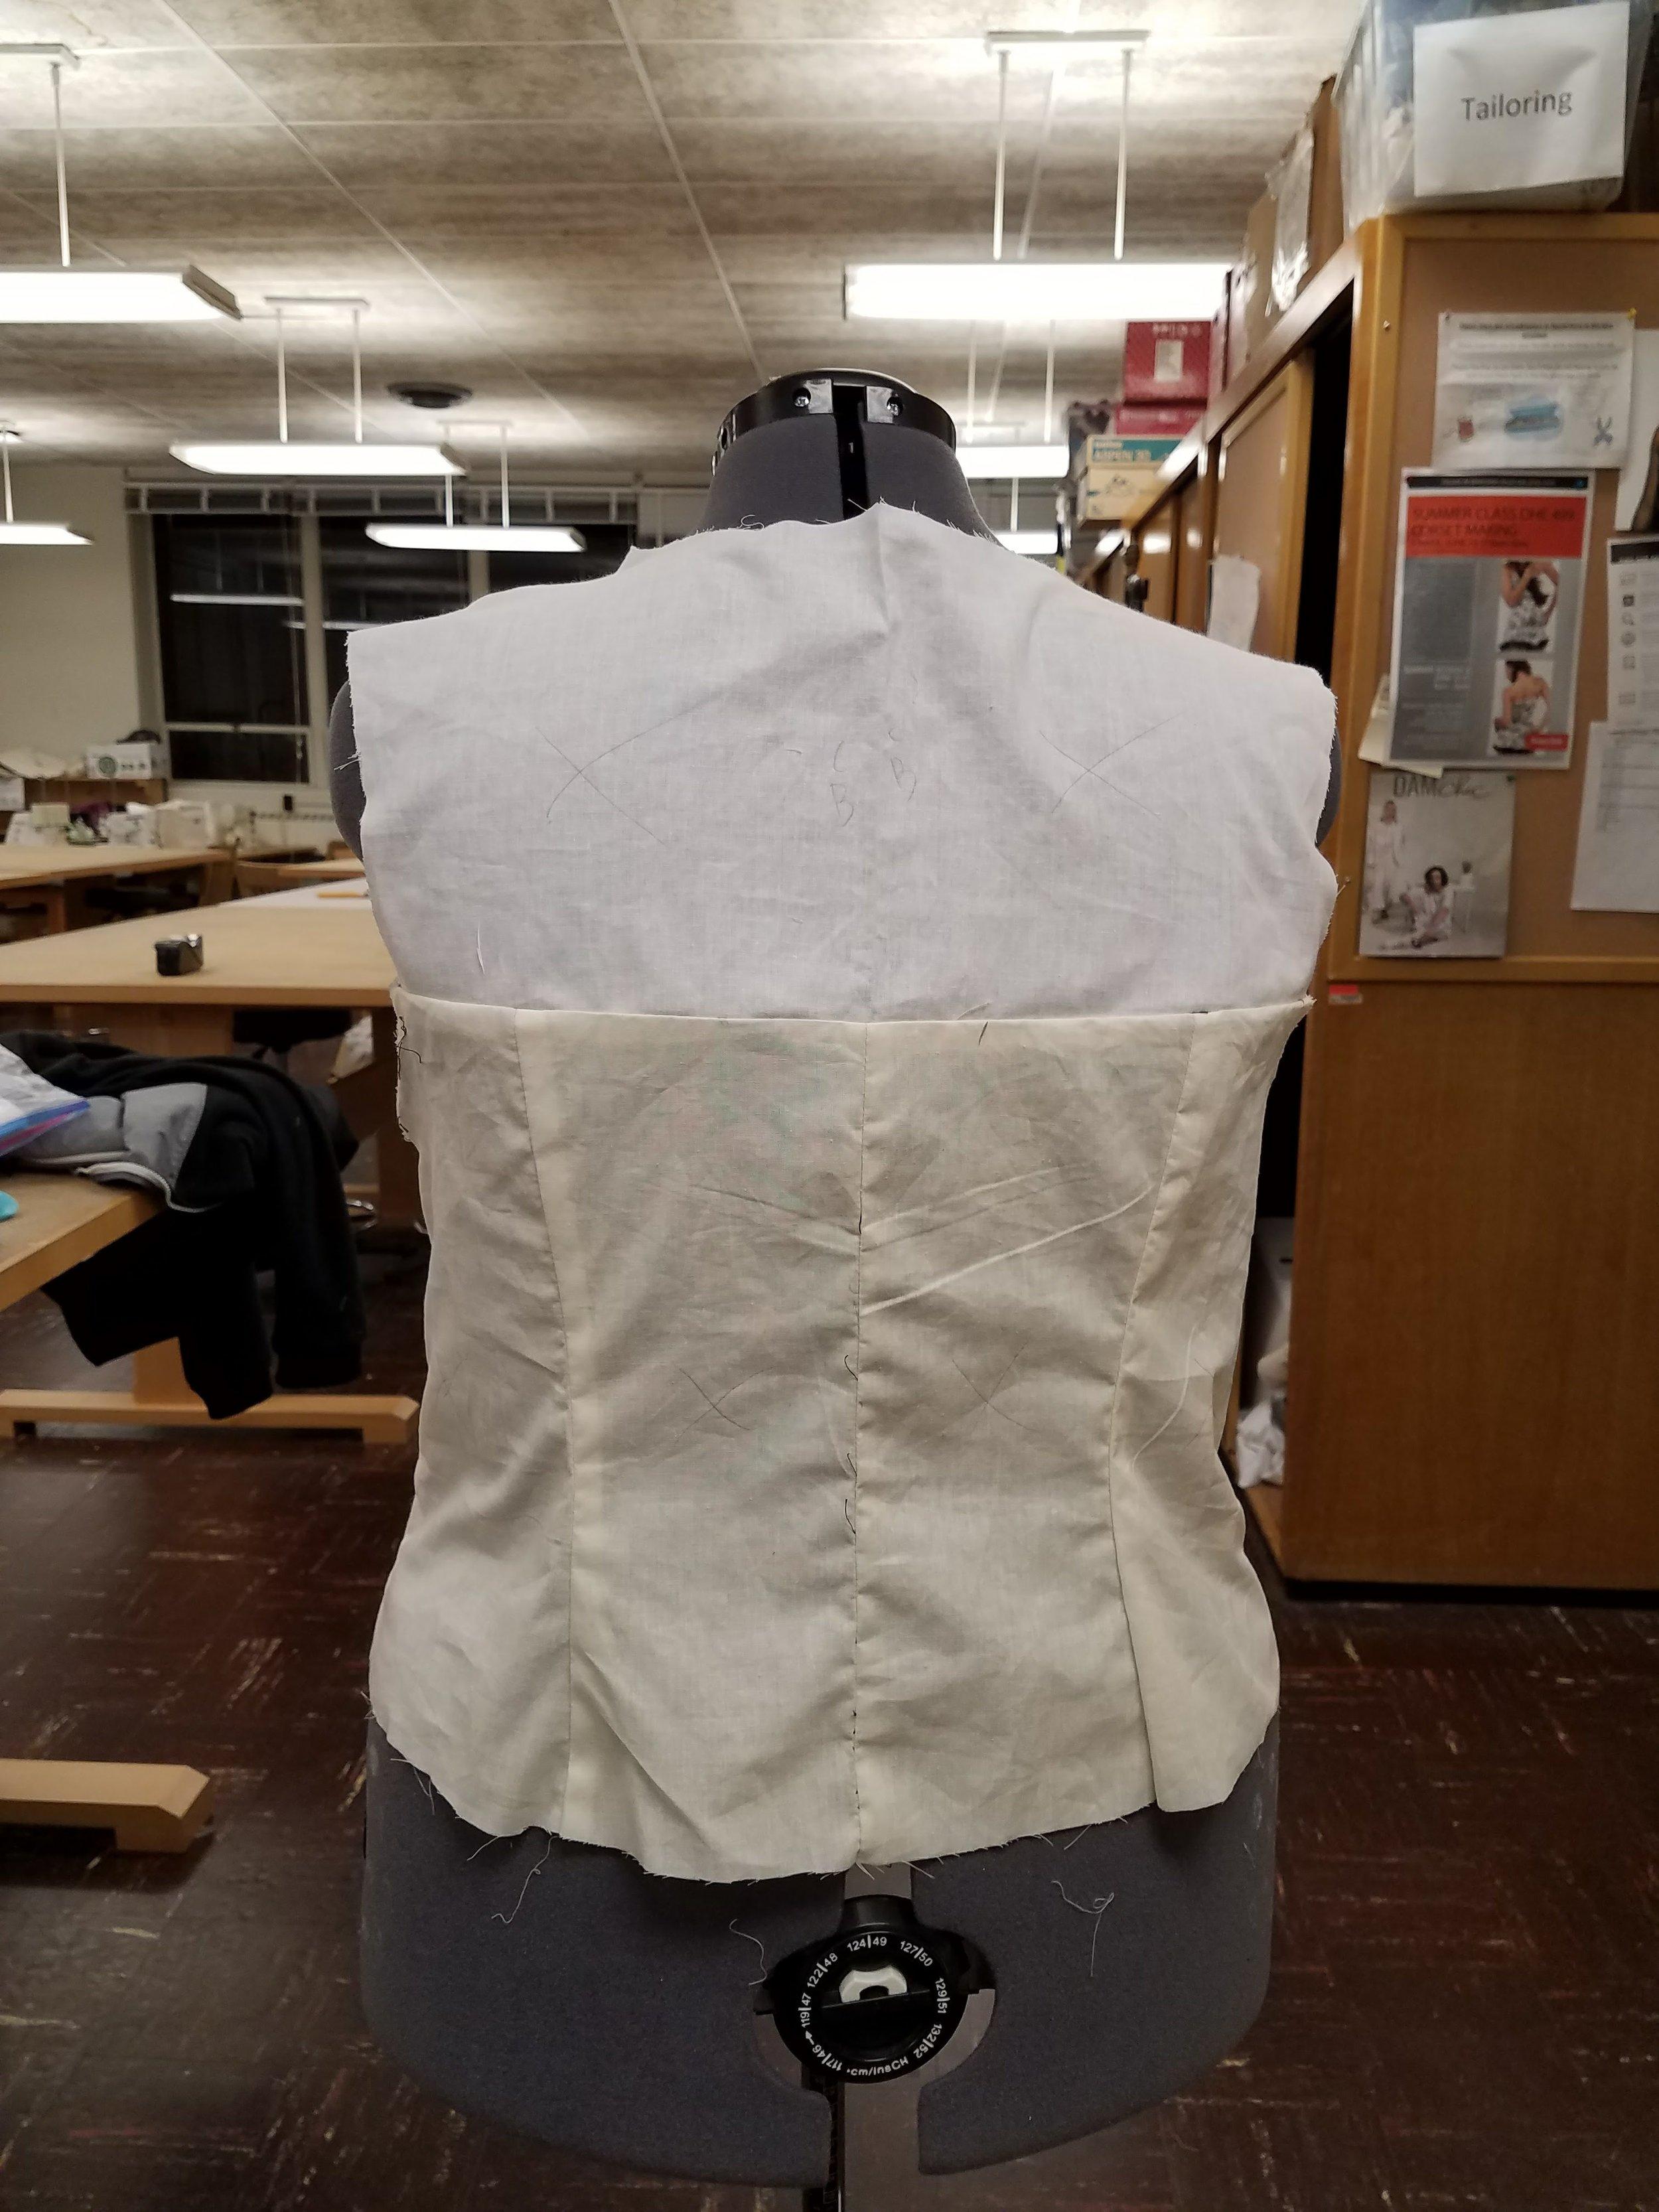 2nd prototype